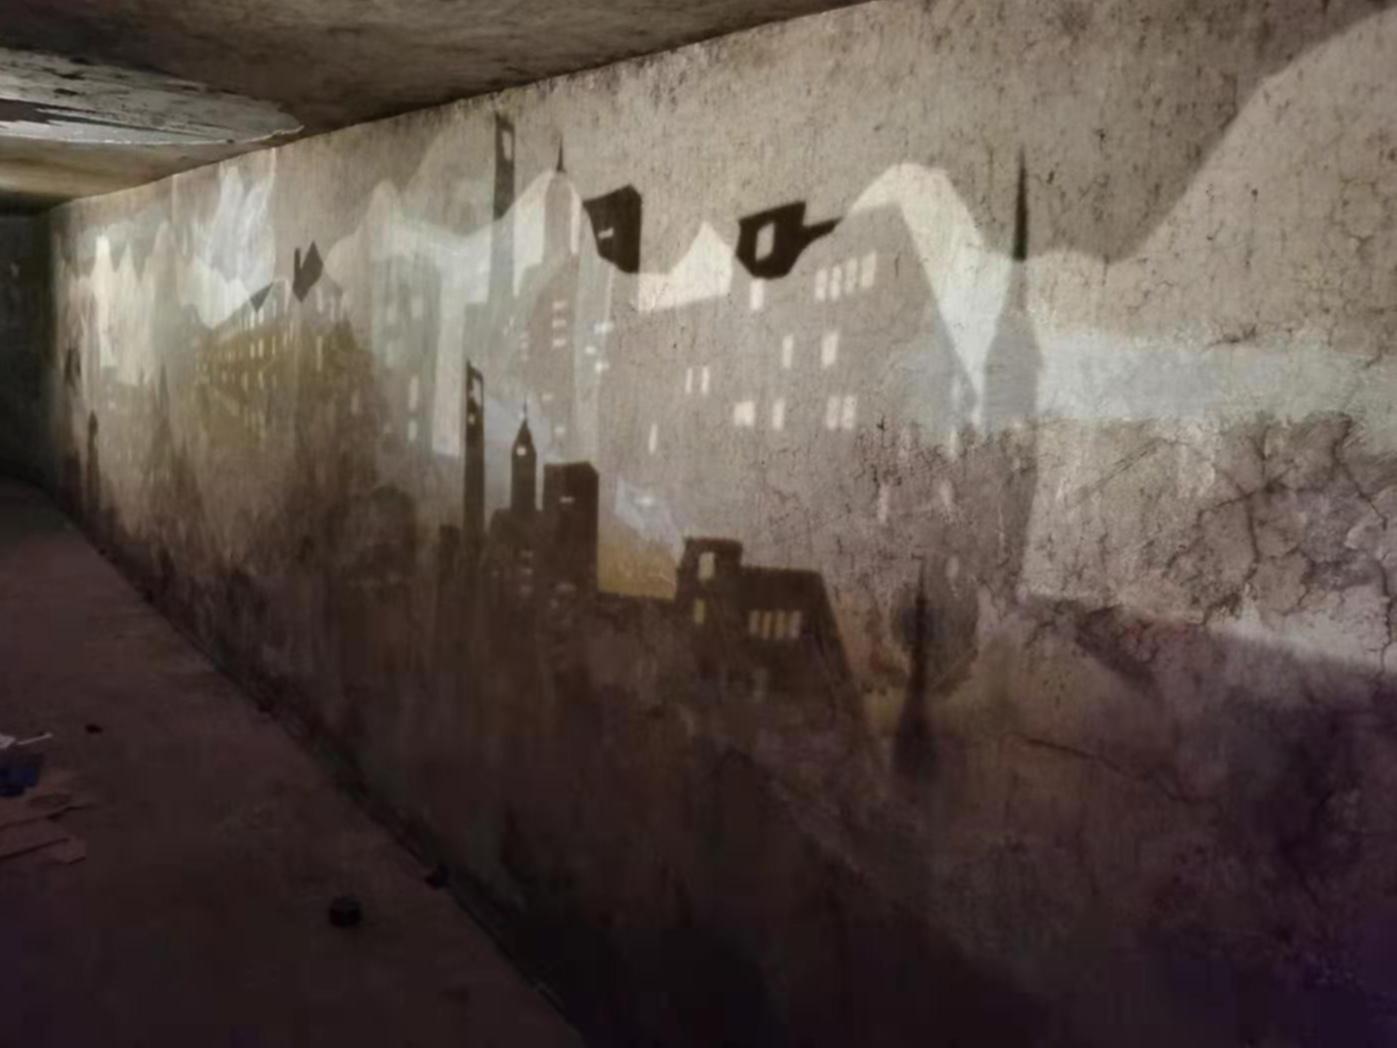 《回声:来自自然与城市的问候》序曲展副场地,闲下来合作社B区深洞。 朱纪蓉摄